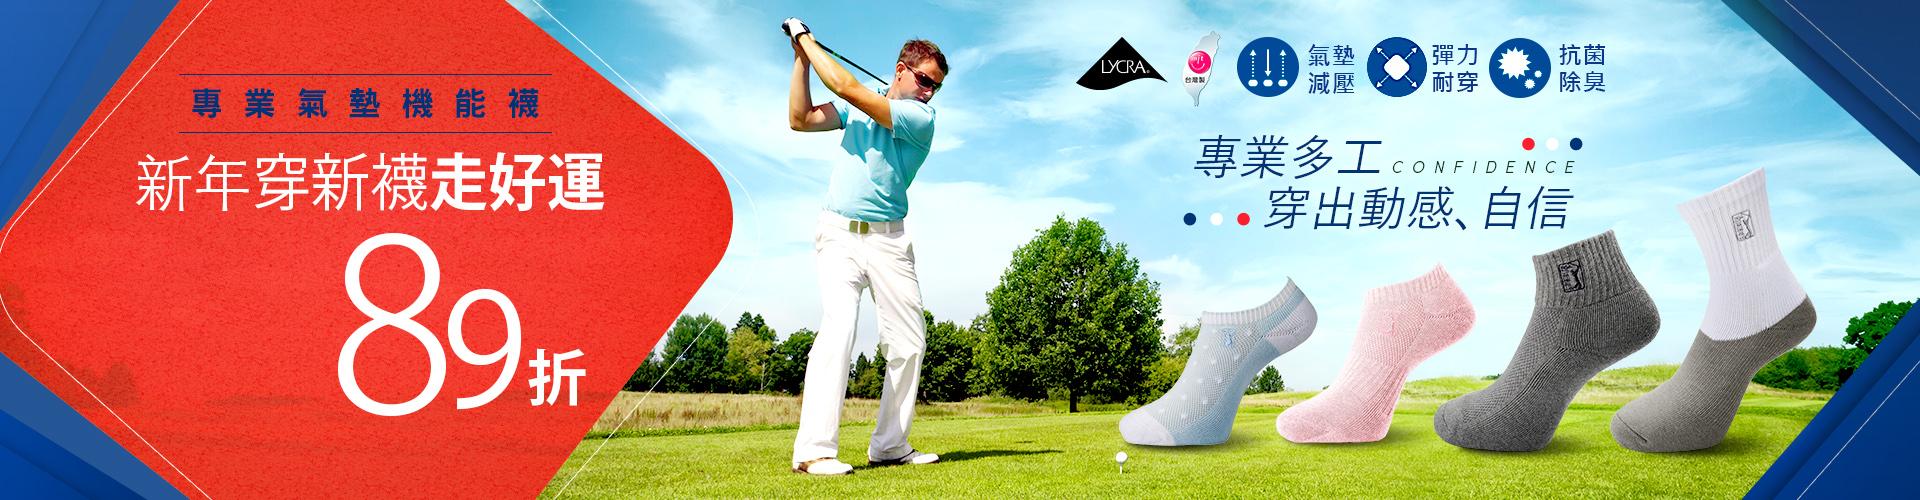 運動機能襪  89折,LYNX美國山貓, PGA 運動機能襪